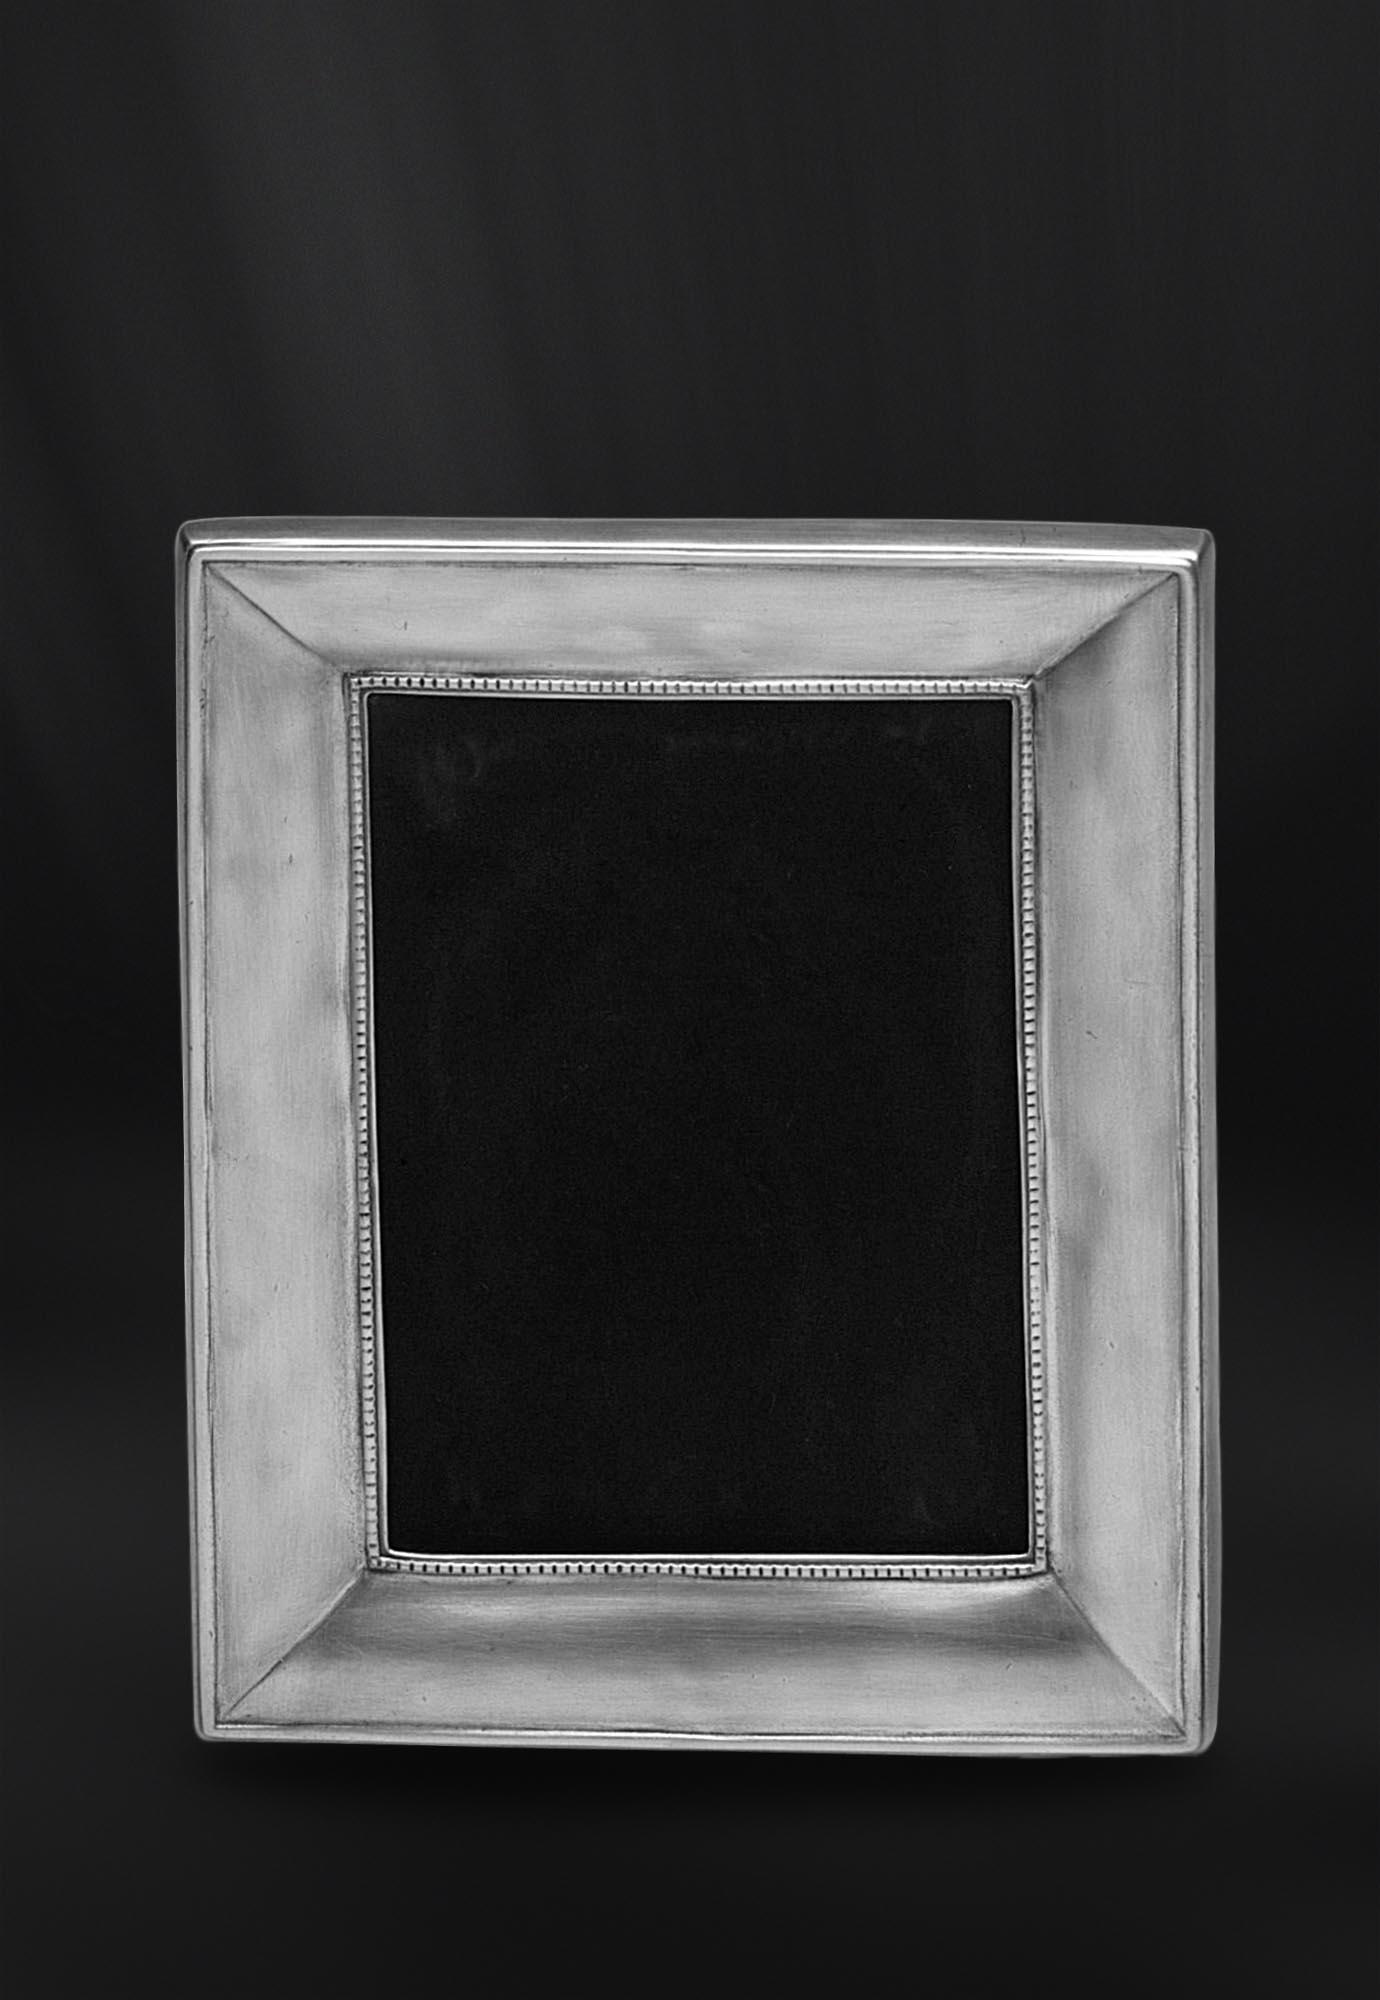 CADRE PHOTO etain antique